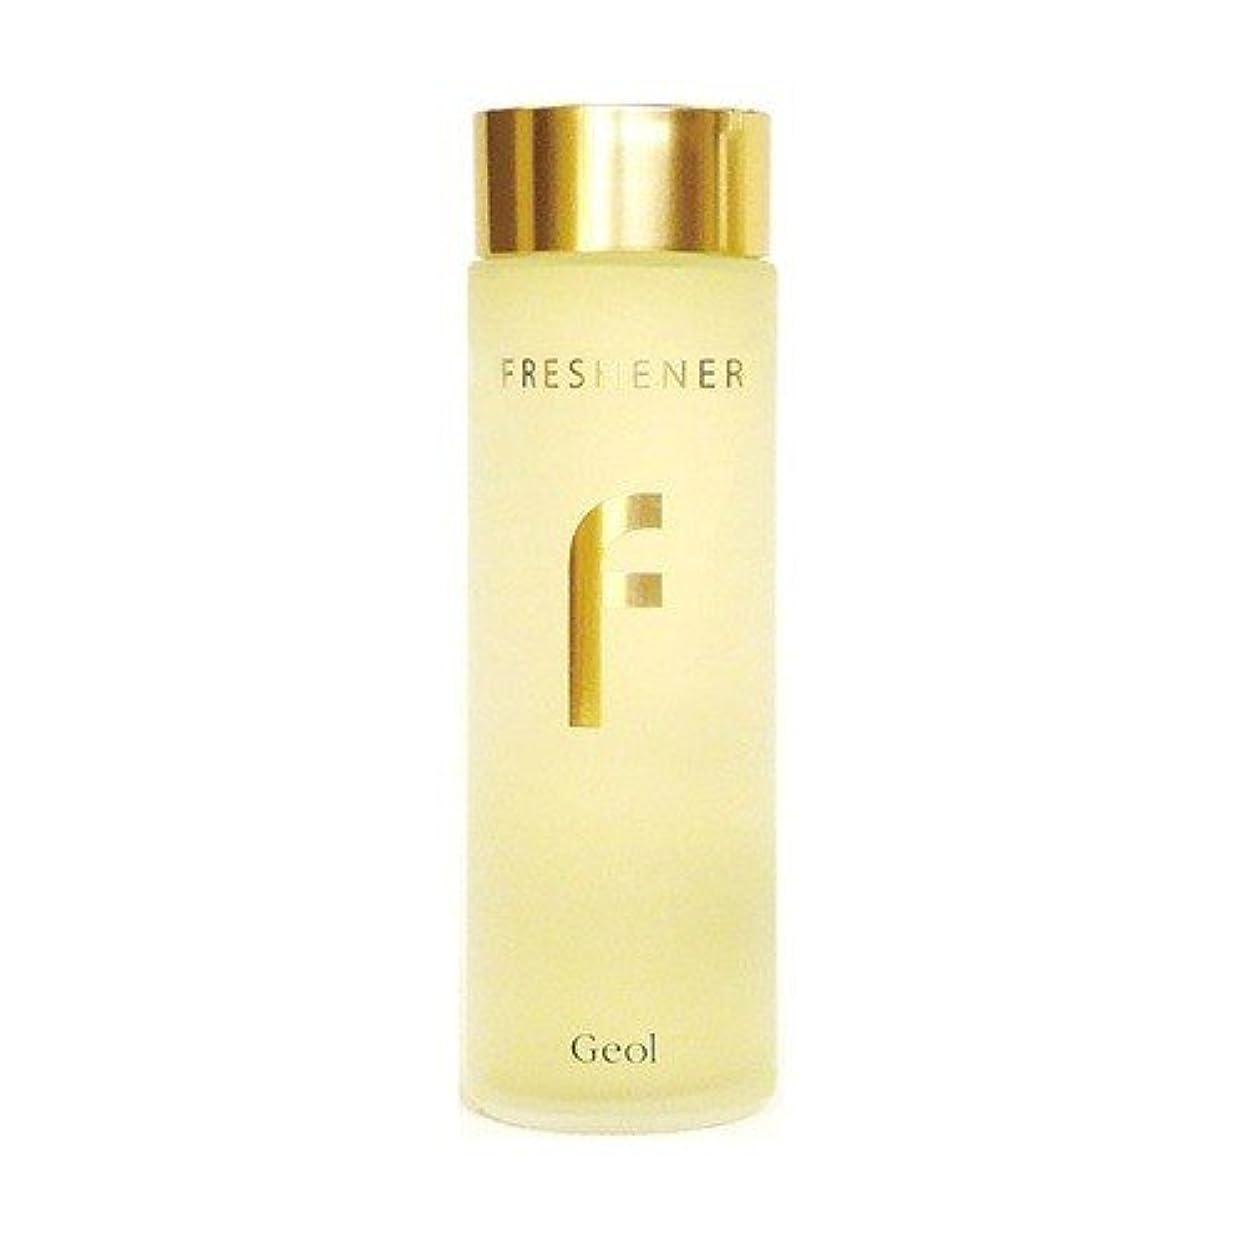 レンズ防止干ばつゲオール フレッシュナー ふきとり化粧水